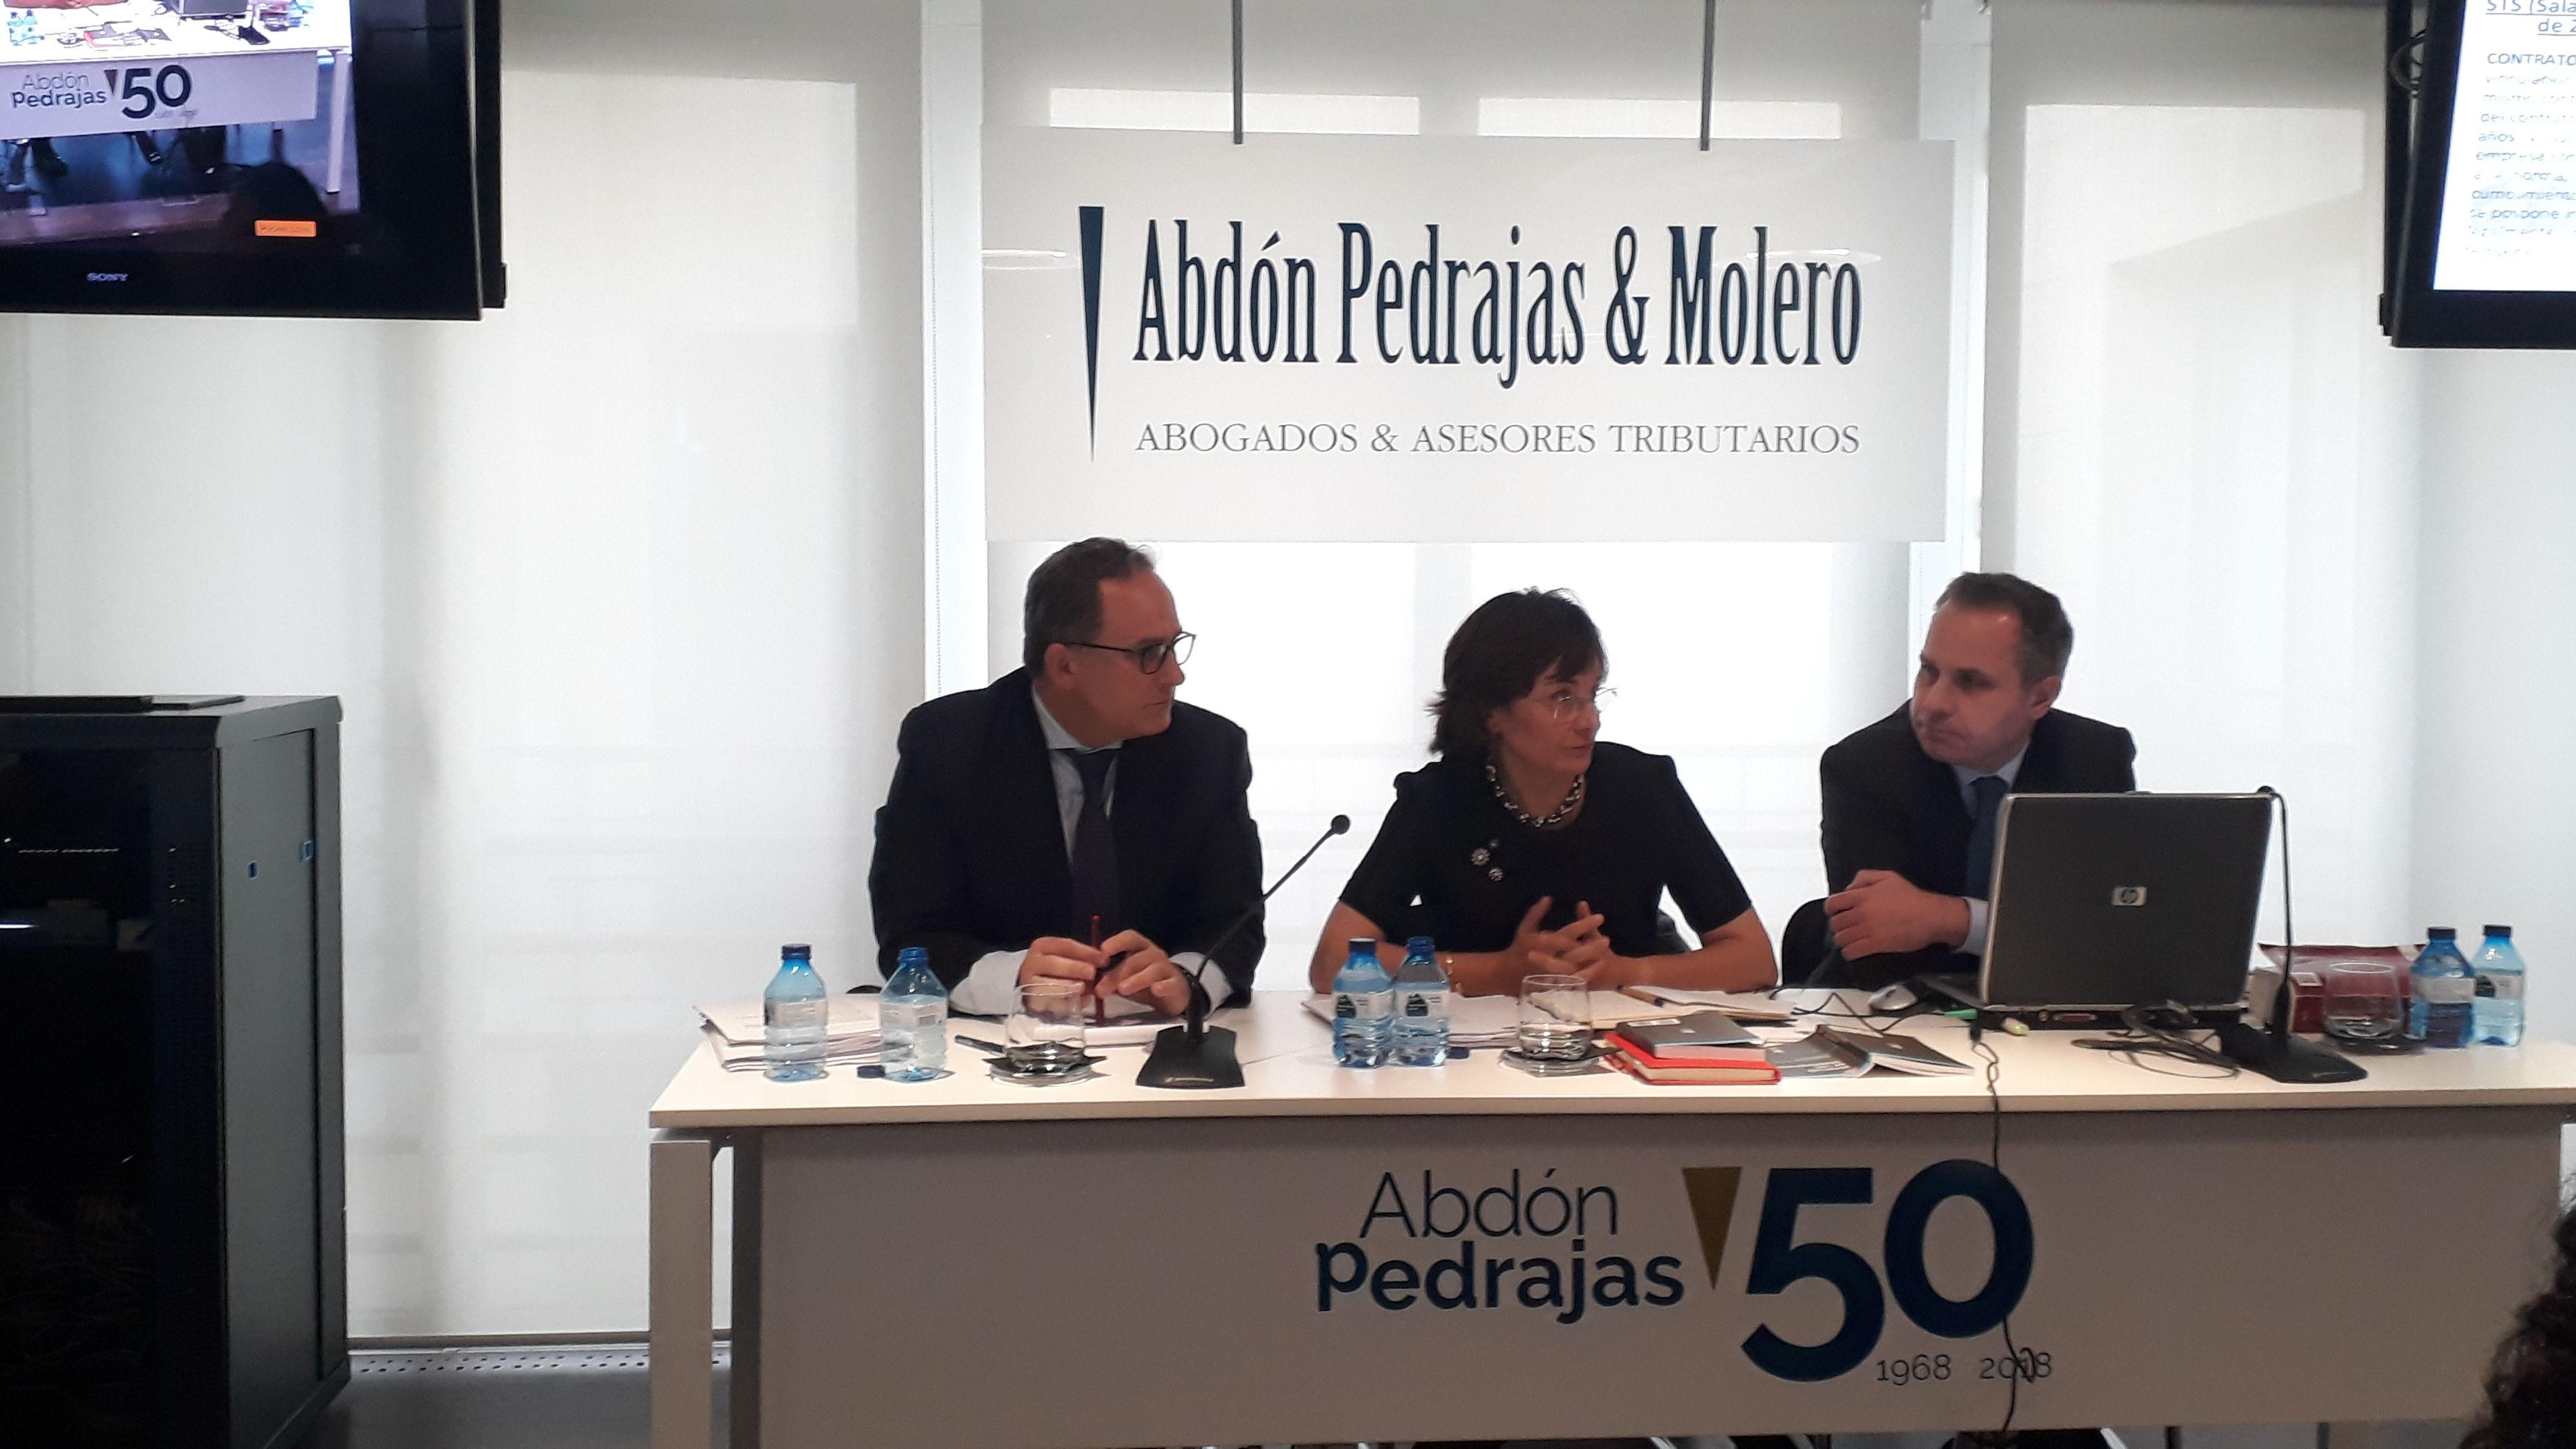 """El Supremo vaticina una avalancha de litigios derivados de las plataformas digitales que deberán resolverse """"caso por caso"""""""